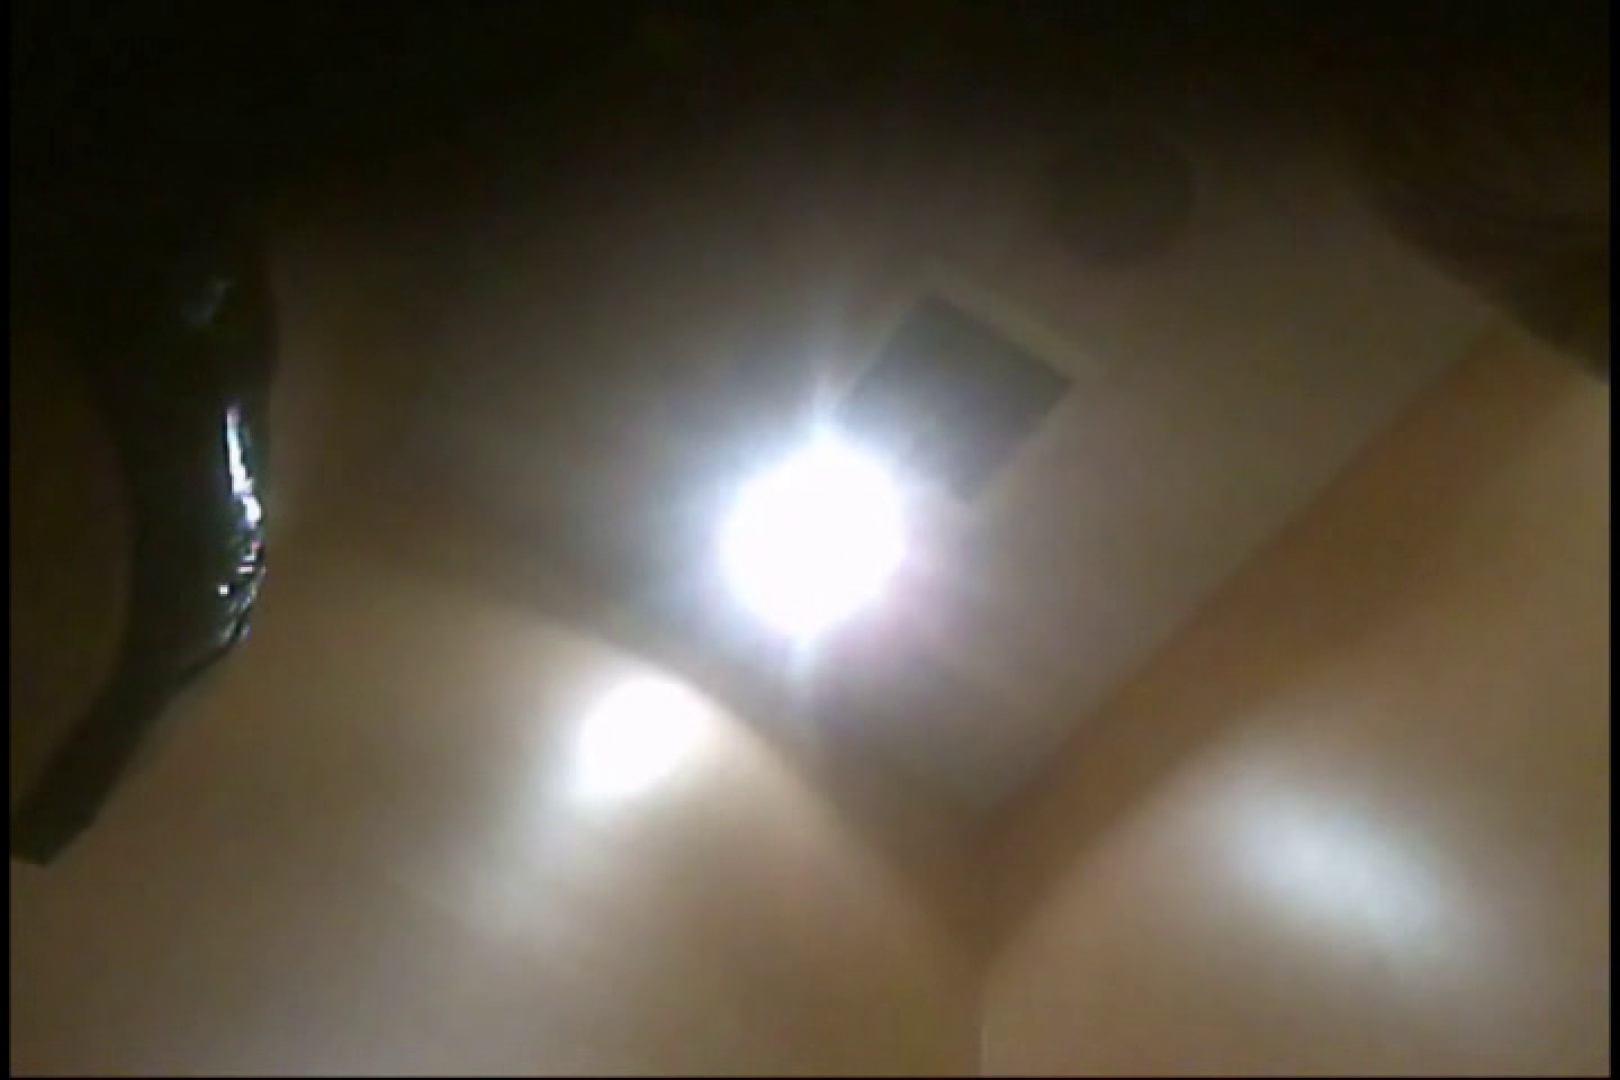 画質向上!新亀さん厠 vol.49 オマンコギャル のぞき動画画像 80連発 57